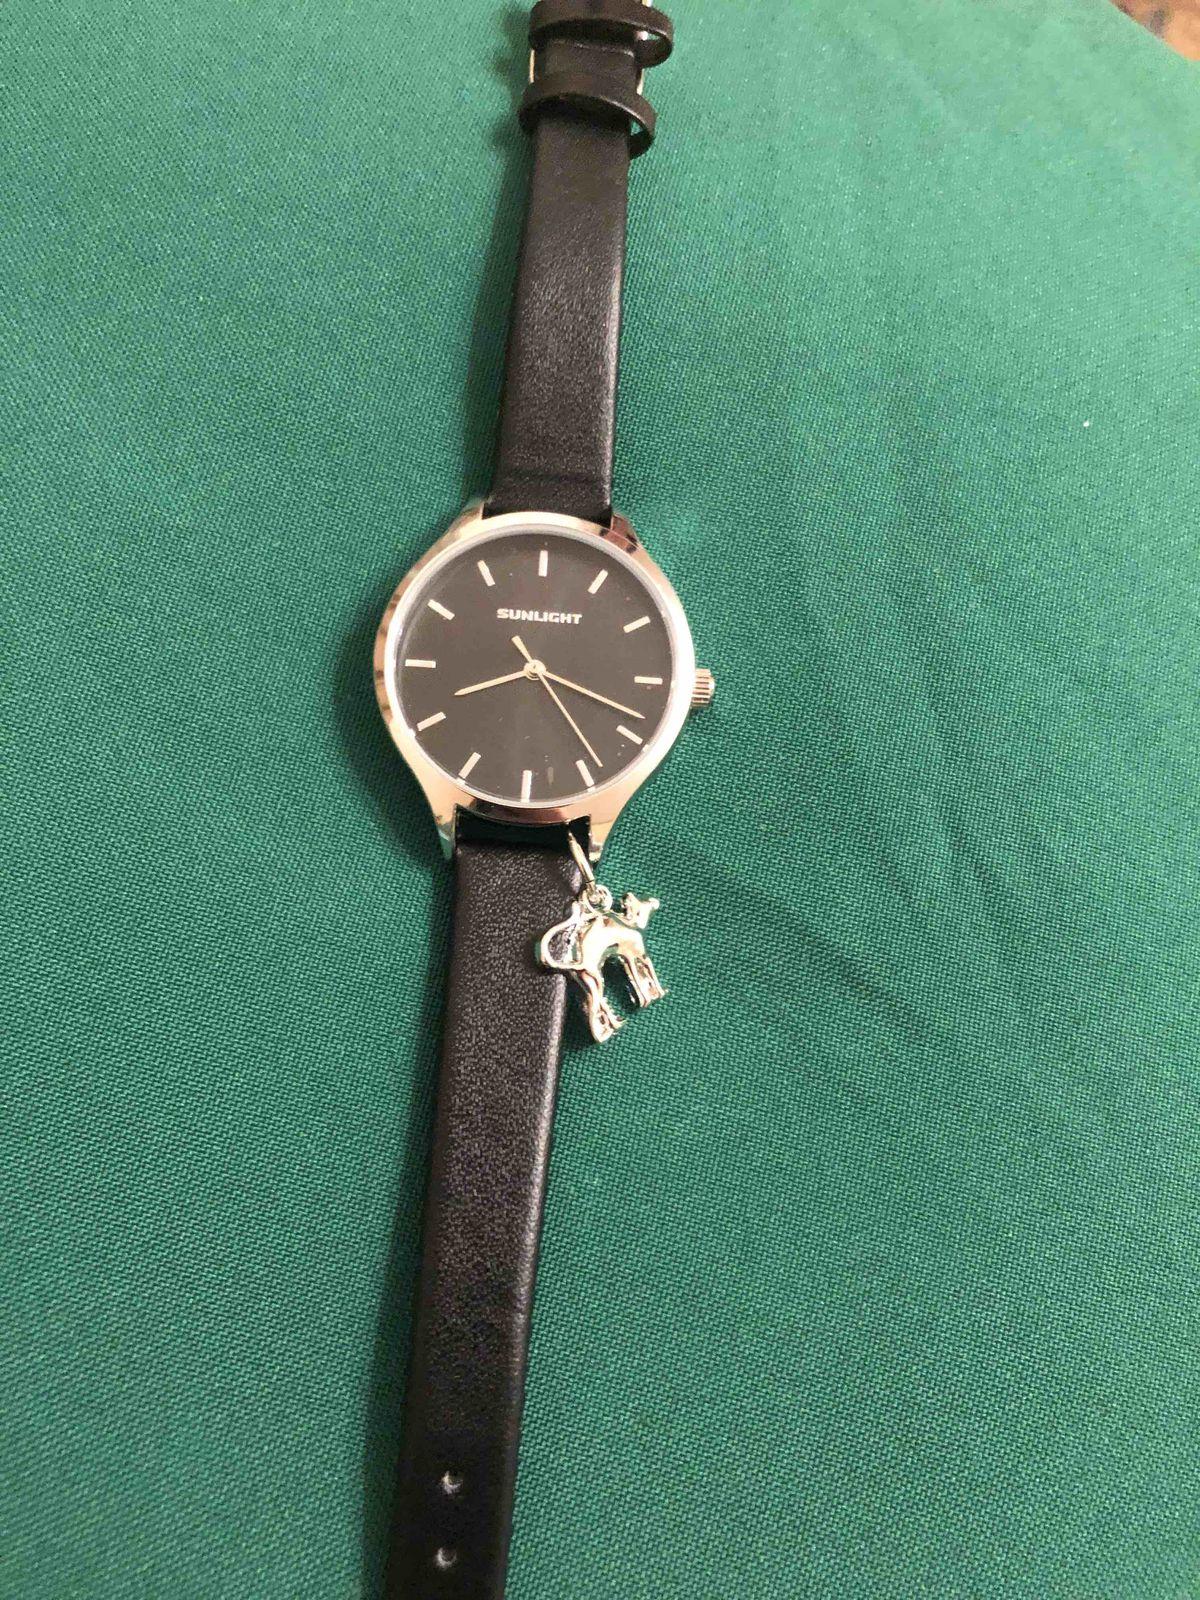 Отличные часы и совсем недорого